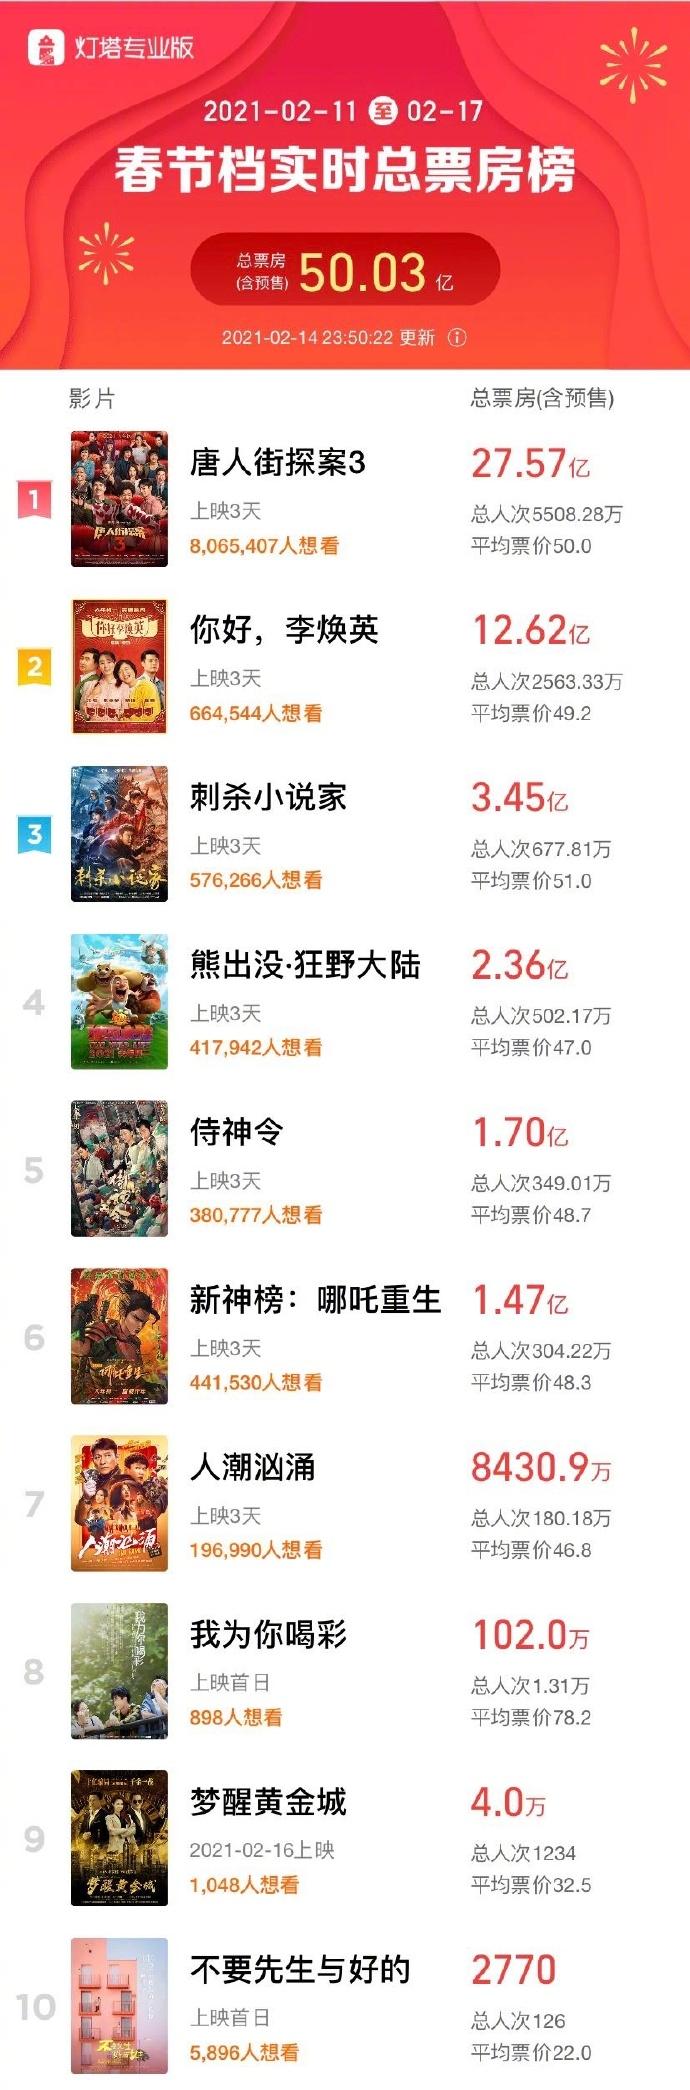 春节档票房破50亿 《唐人街探案3》持续领跑